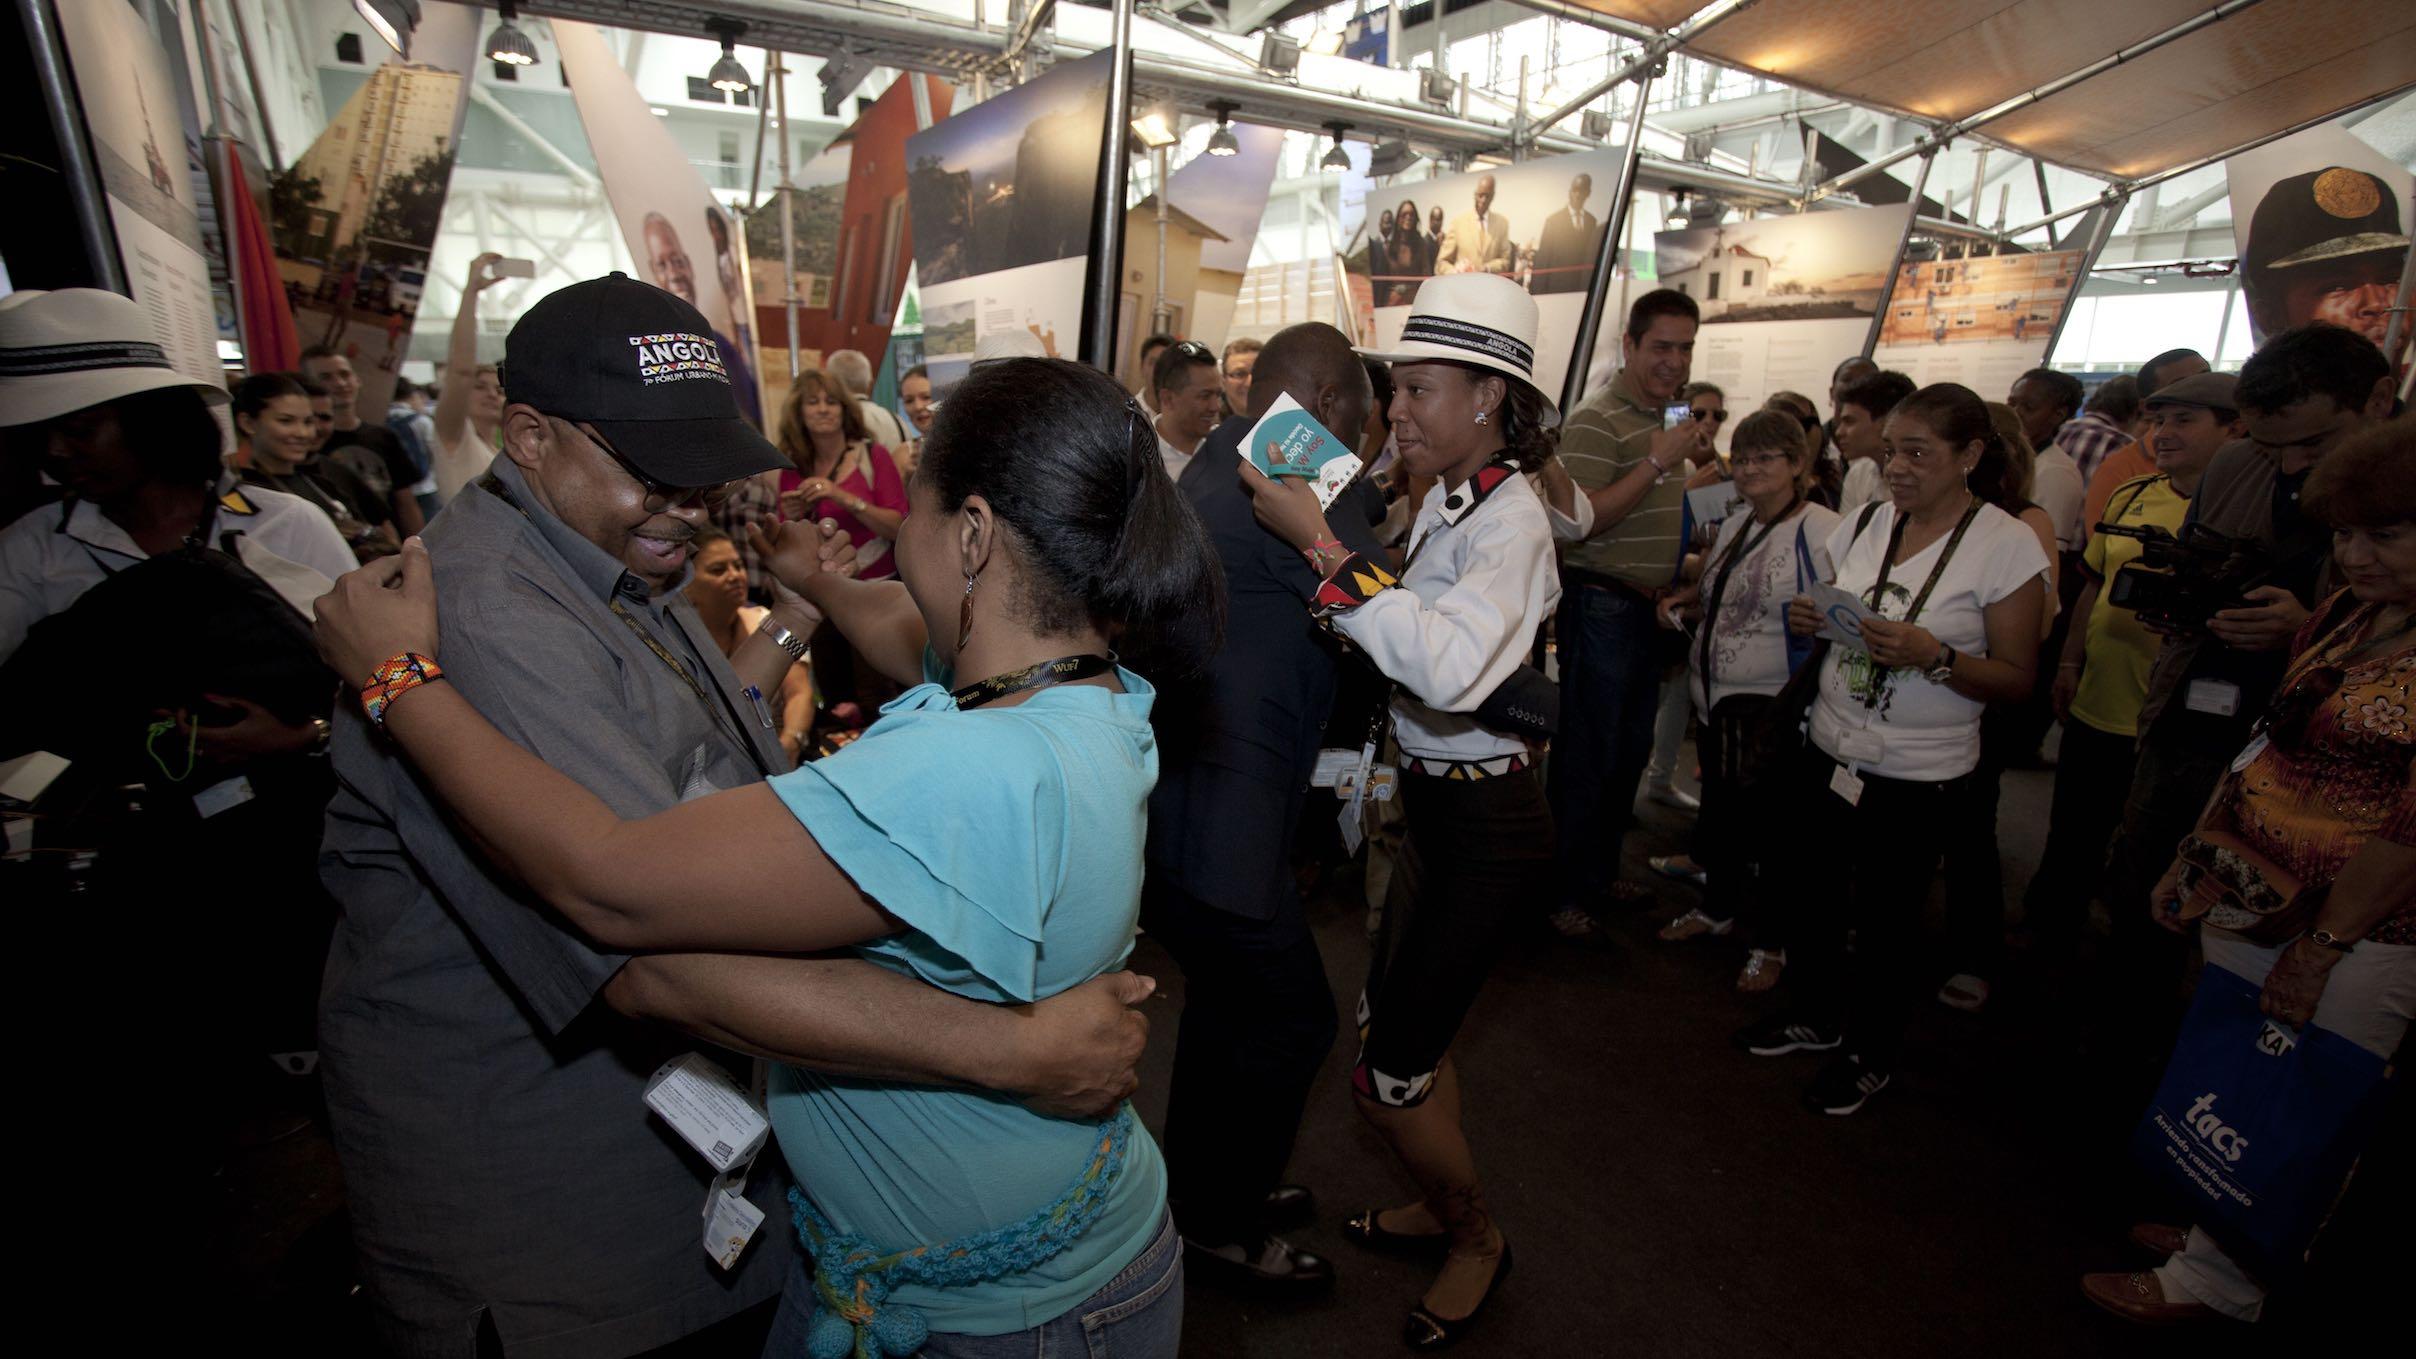 Integrantes da delegação angolana mostram como se dança Kizomba, foto de Sergio Gomes.